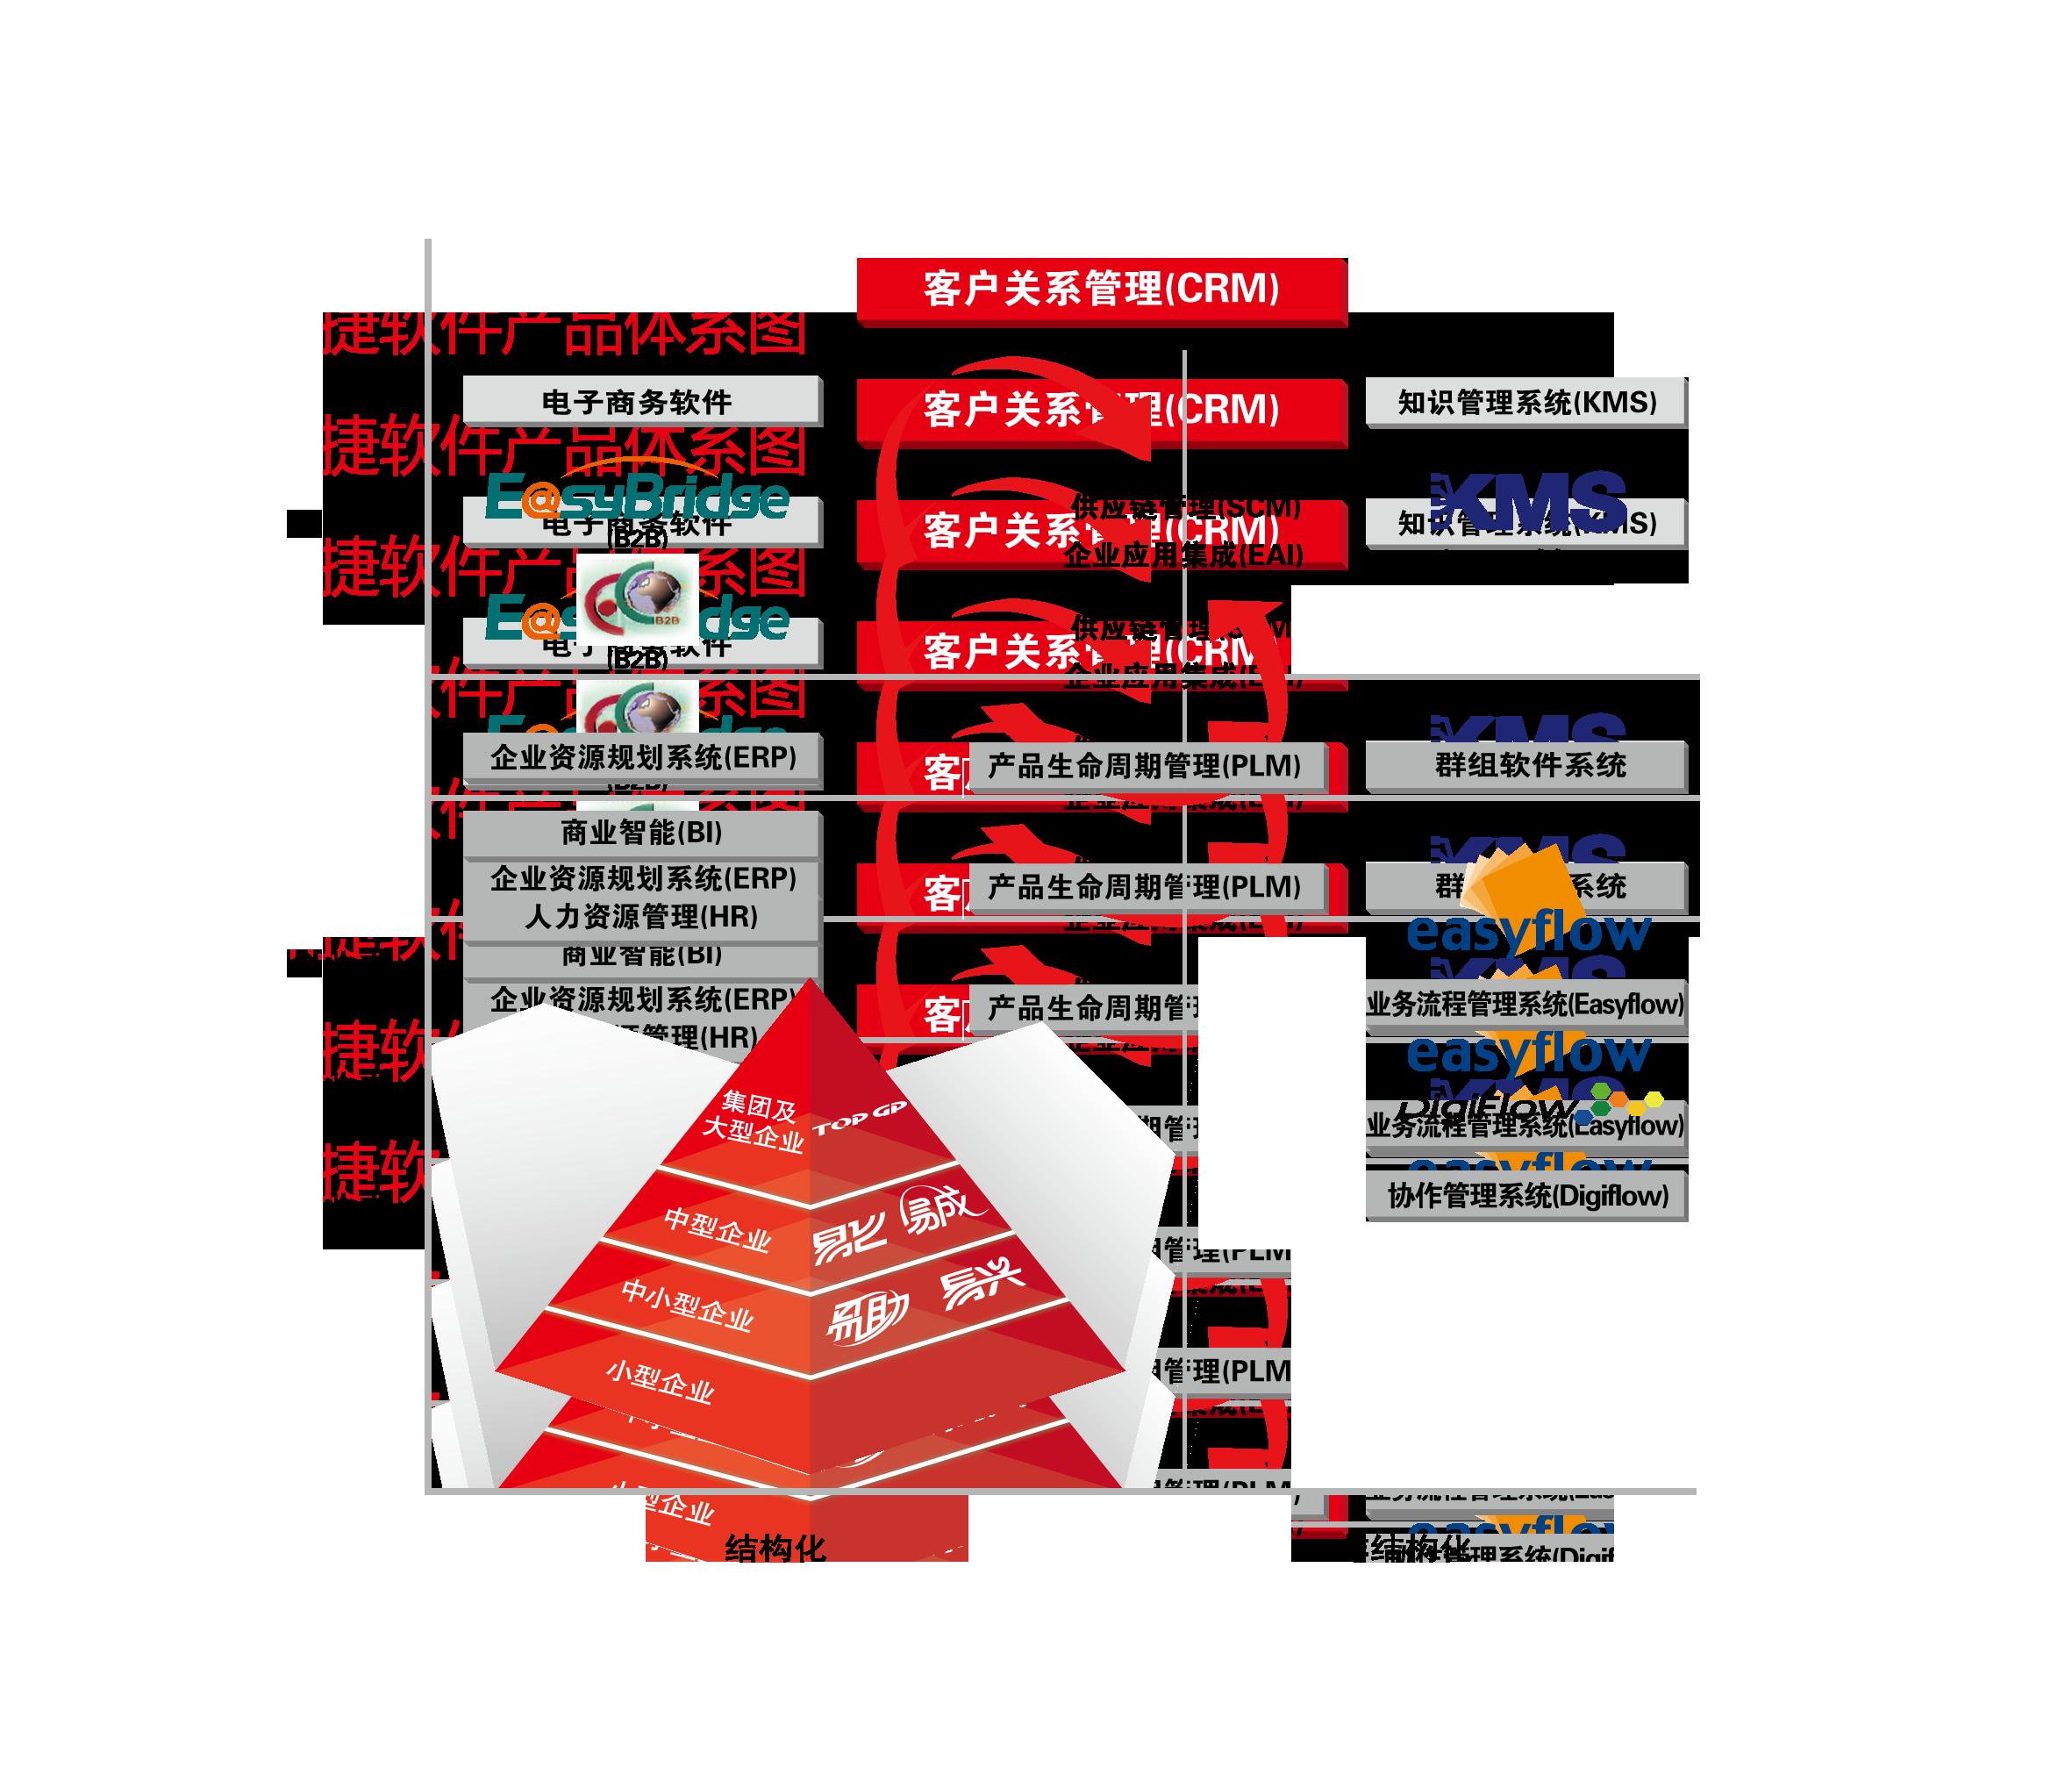 鼎捷软件产品体系图